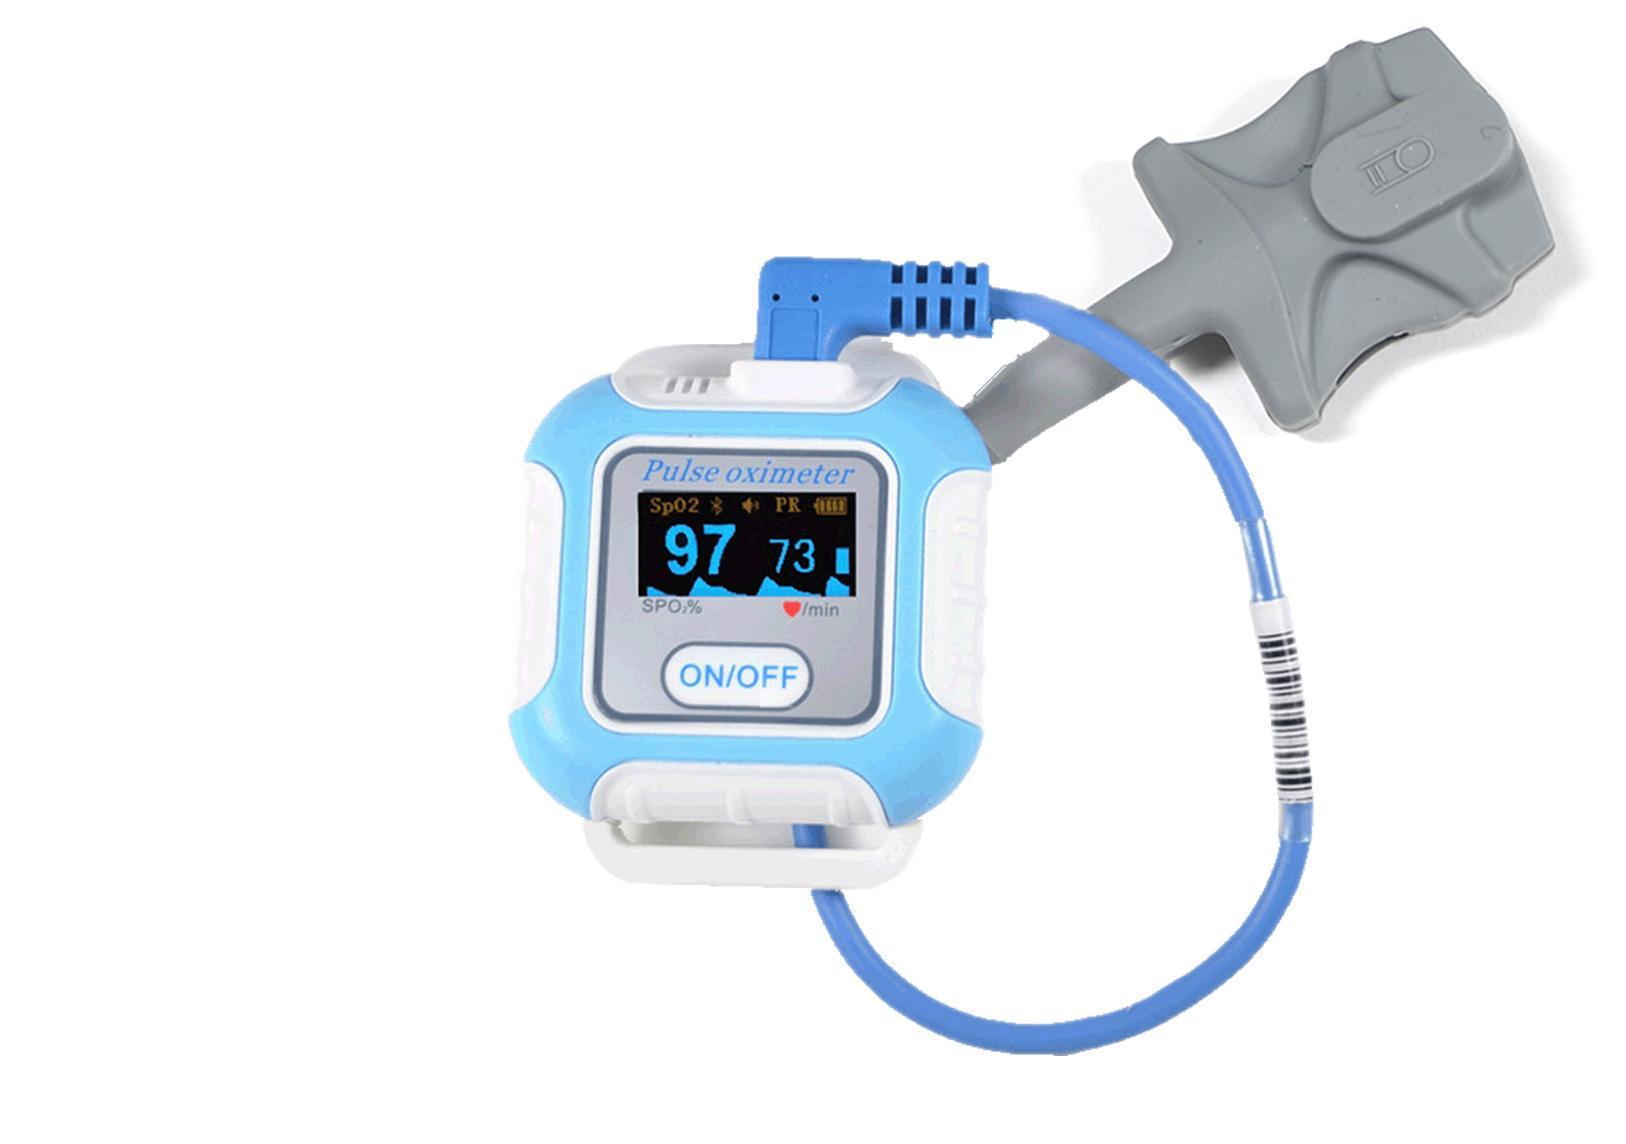 诊断睡眠呼吸暂停医学CE批准蓝牙手腕脉搏血氧仪 5